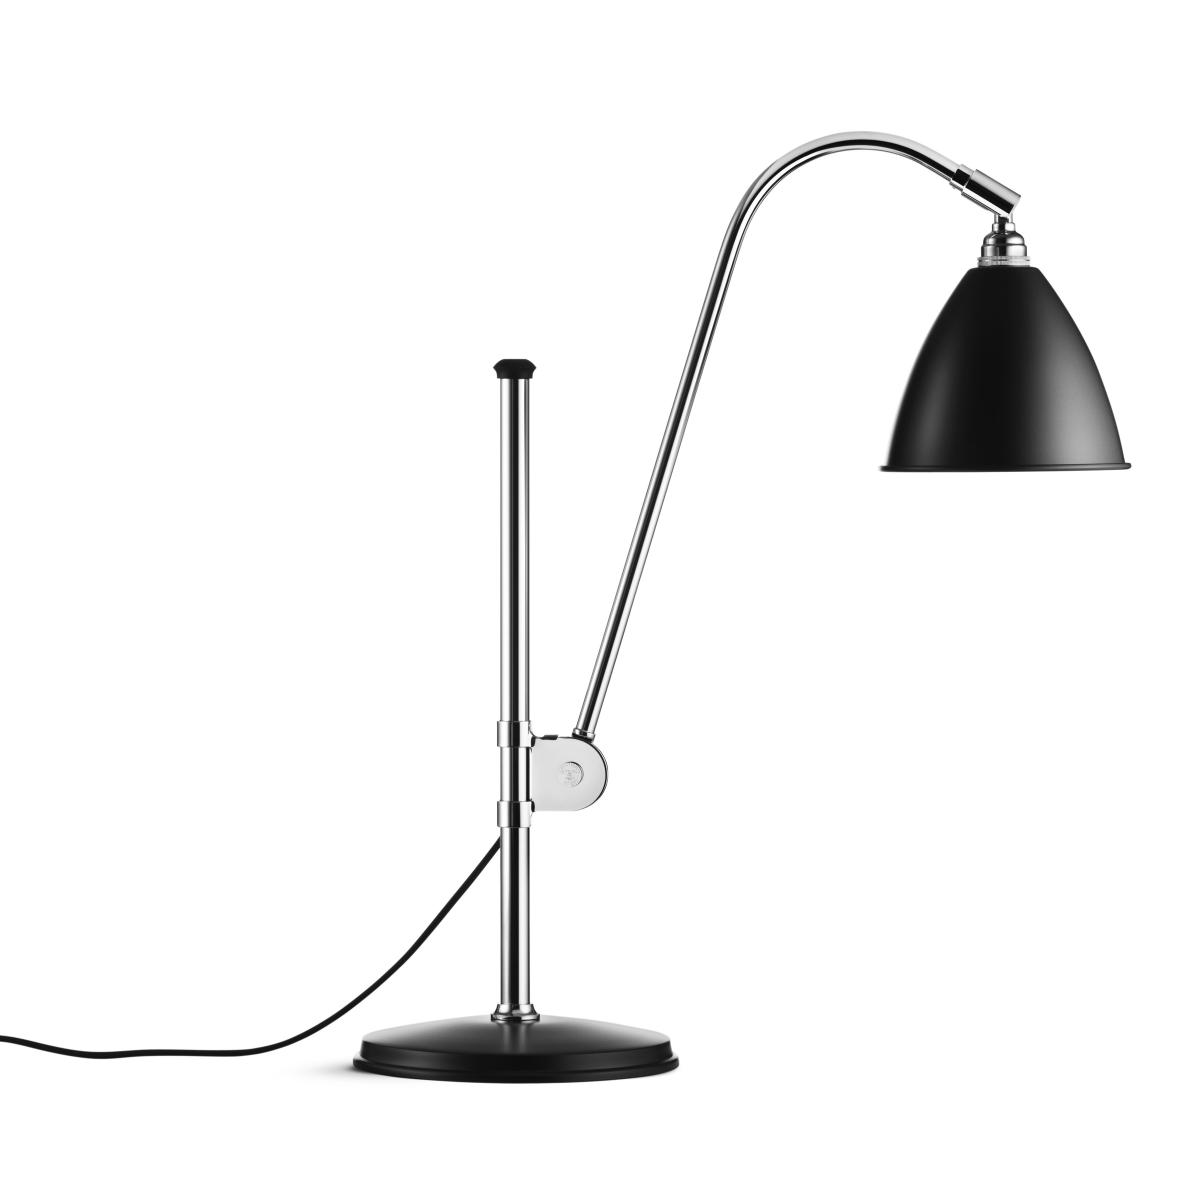 Bestlite Bl1 Tischleuchte Schwarz Chrom Led Stehlampe Lampen Landhausstil Stehlampe Holz